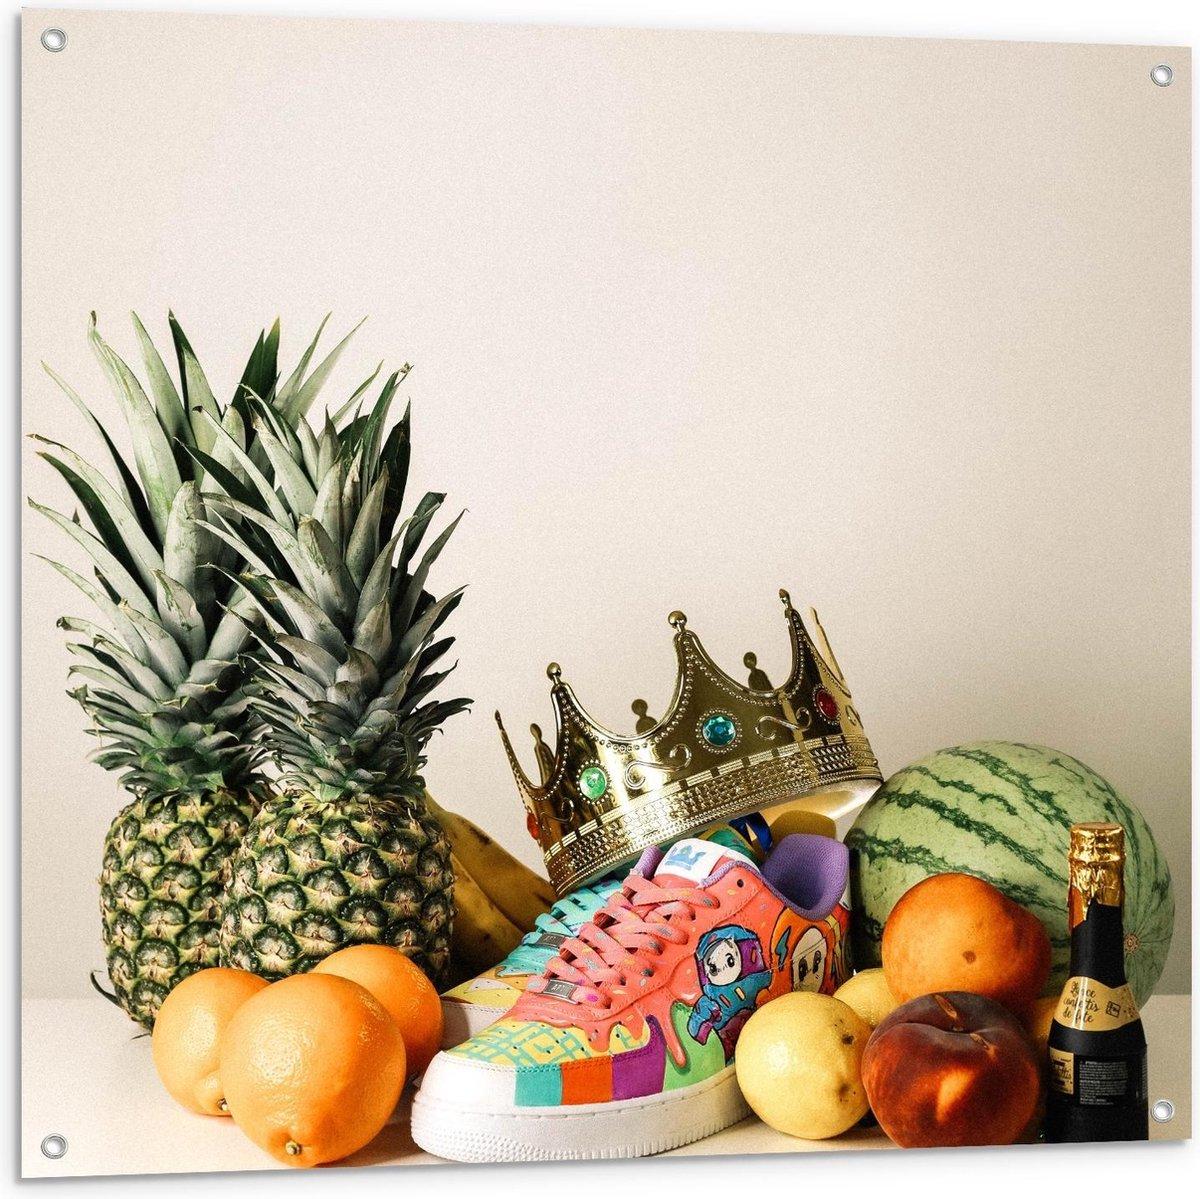 Tuinposter   Schoen, Kroon en Verschillend Fruit  - 100x100cm Foto op Tuinposter  (wanddecoratie voor buiten en binnen)